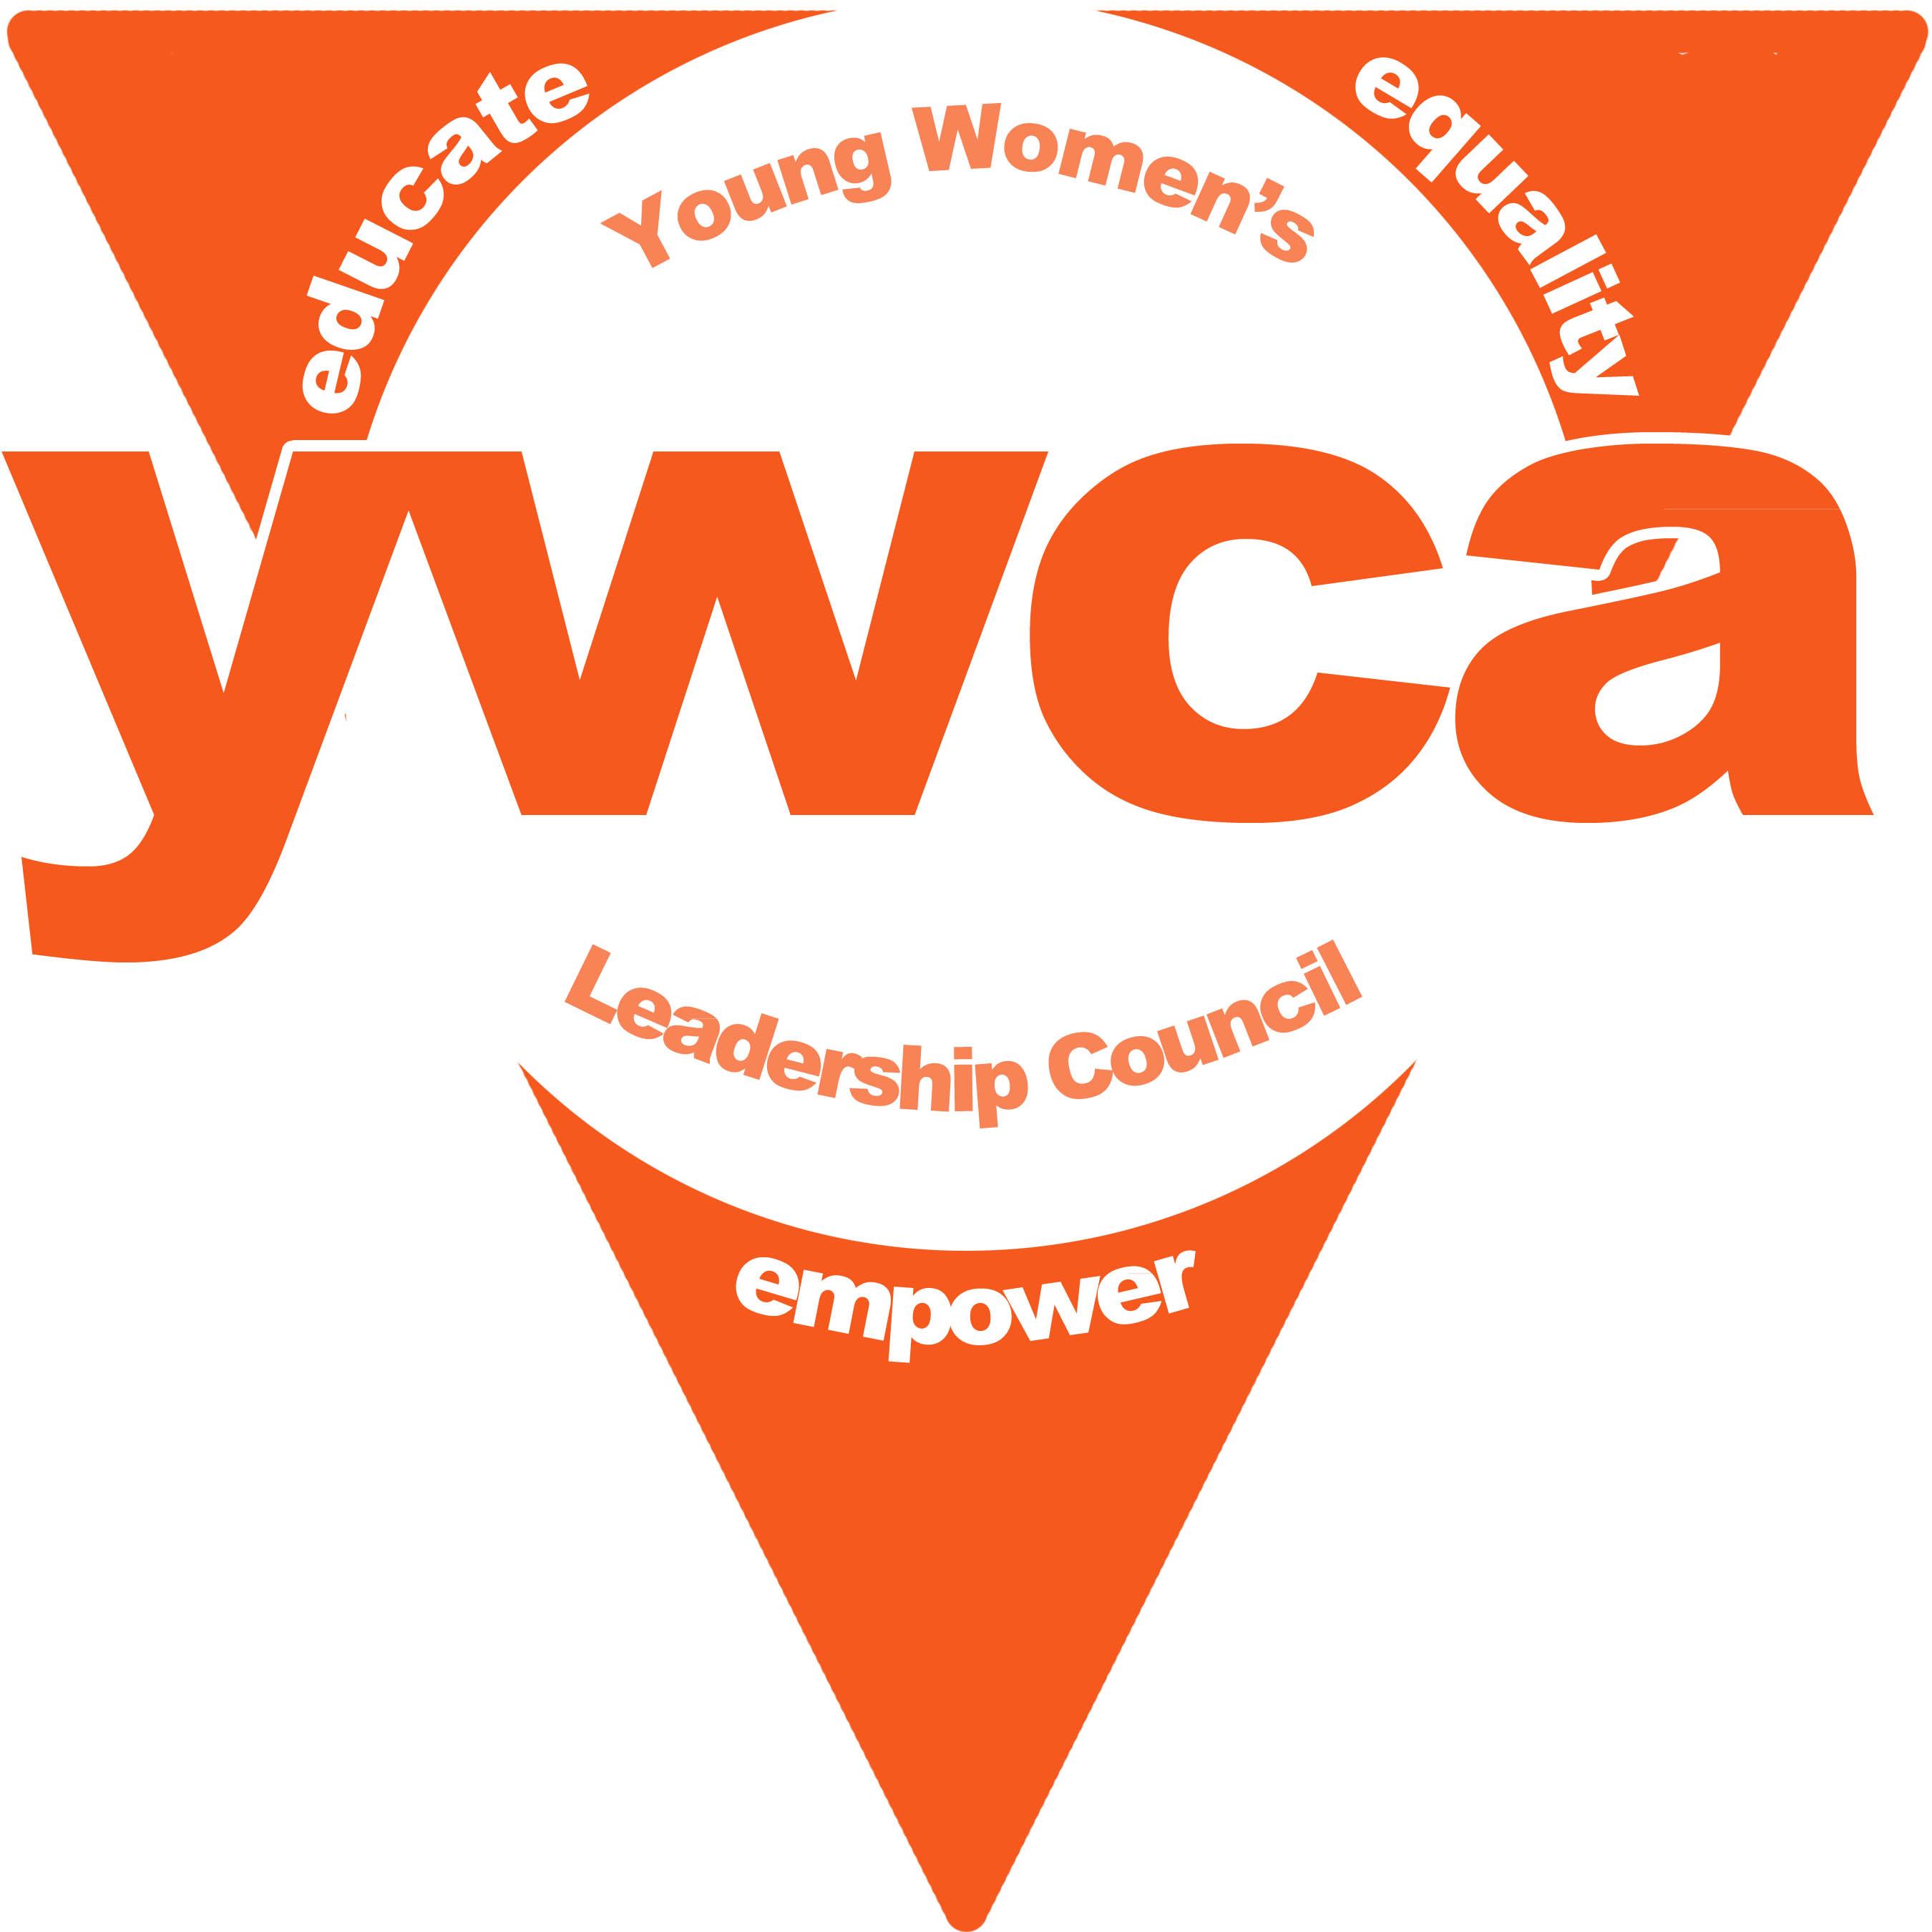 YWCA logo.